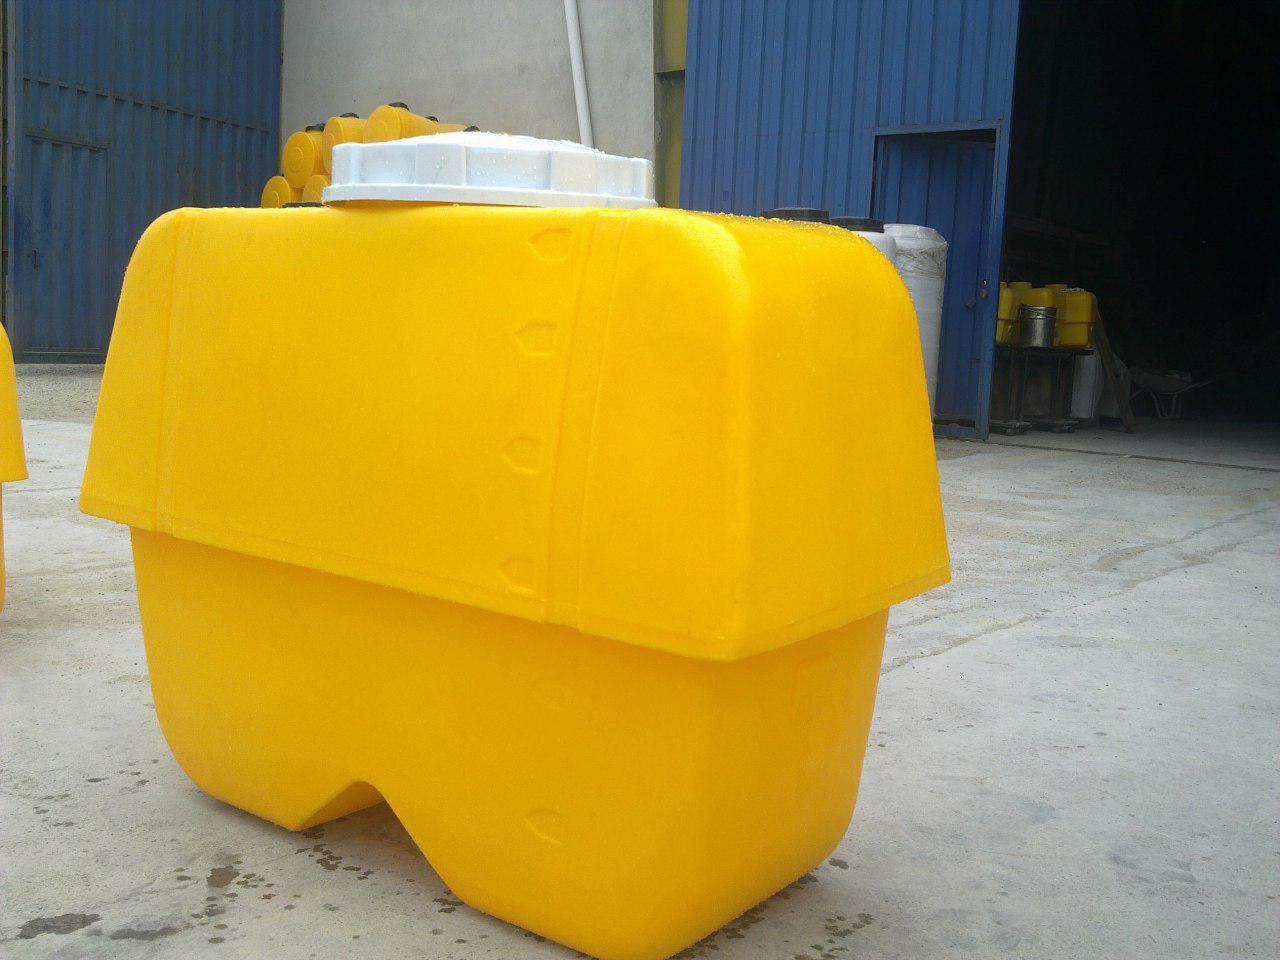 قیمت با کیفیت ترین مخزن پلی اتیلن سمپاش ایرانی